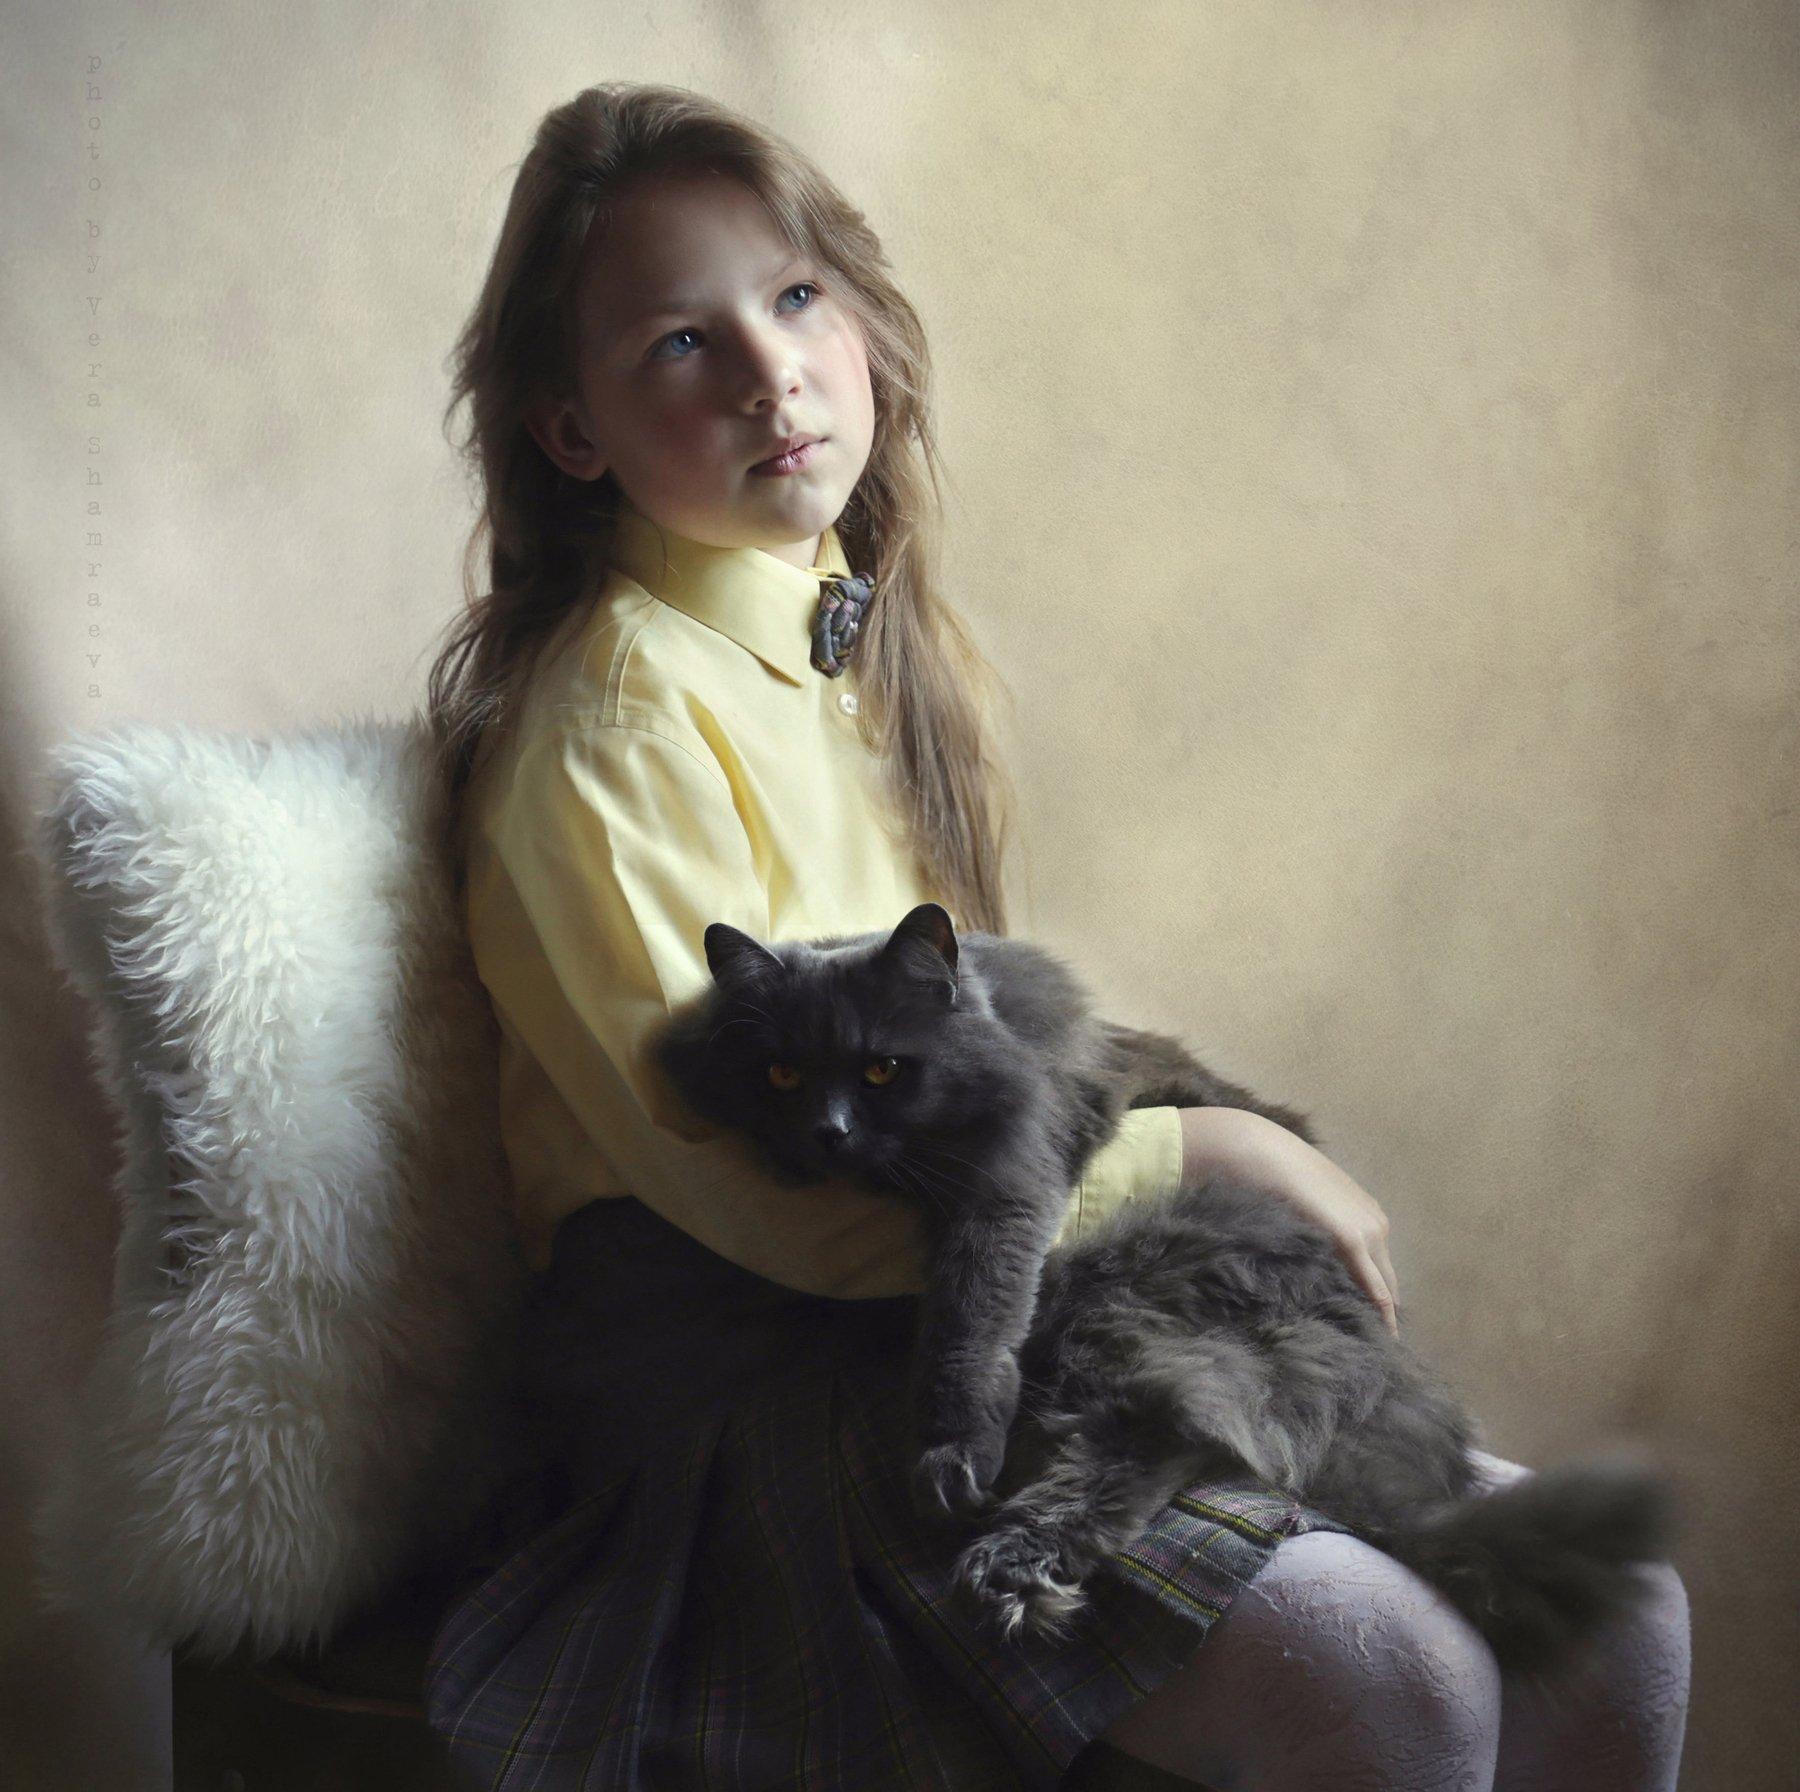 девочка кошка жанр портрет ретро, Вера Шамраева